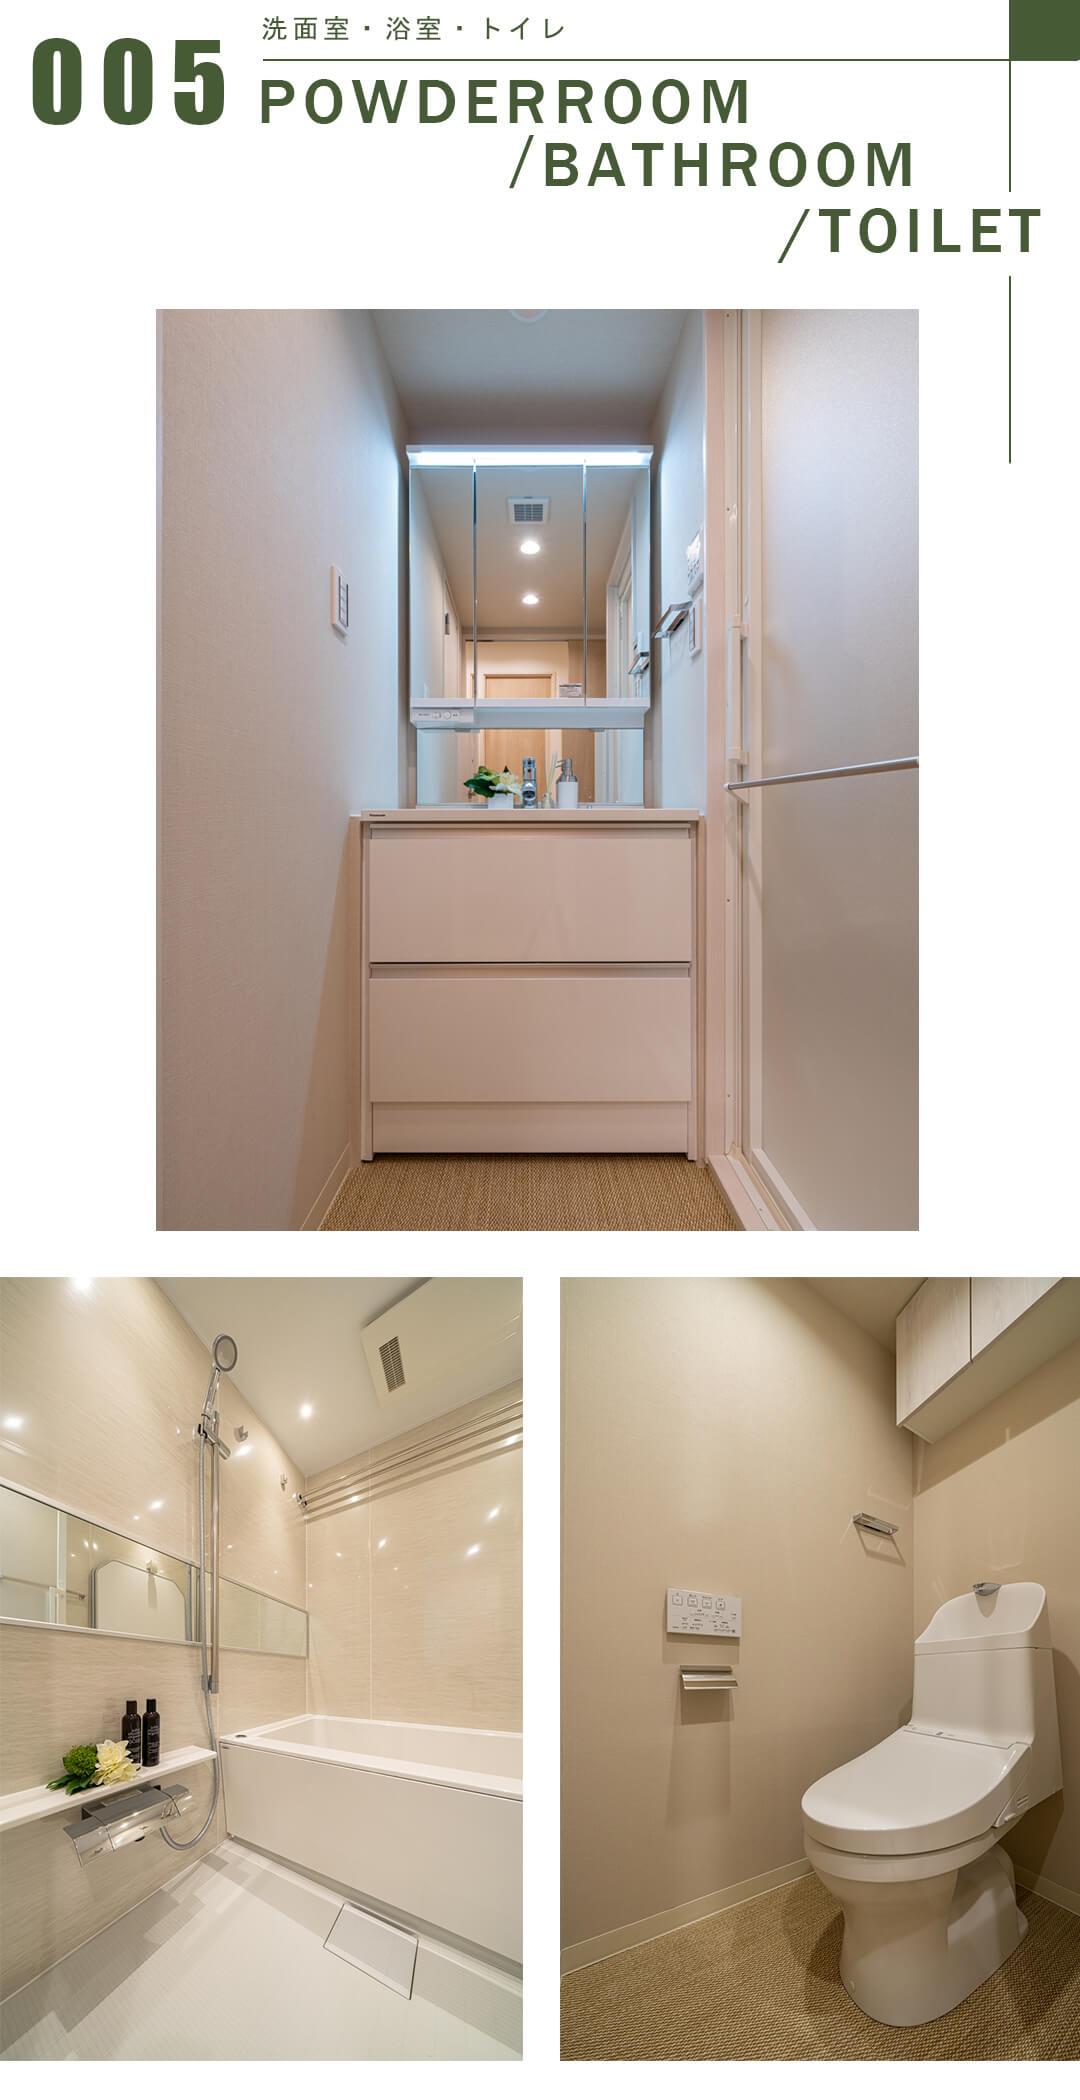 シャンボール祐天寺の洗面室と浴室とトイレ